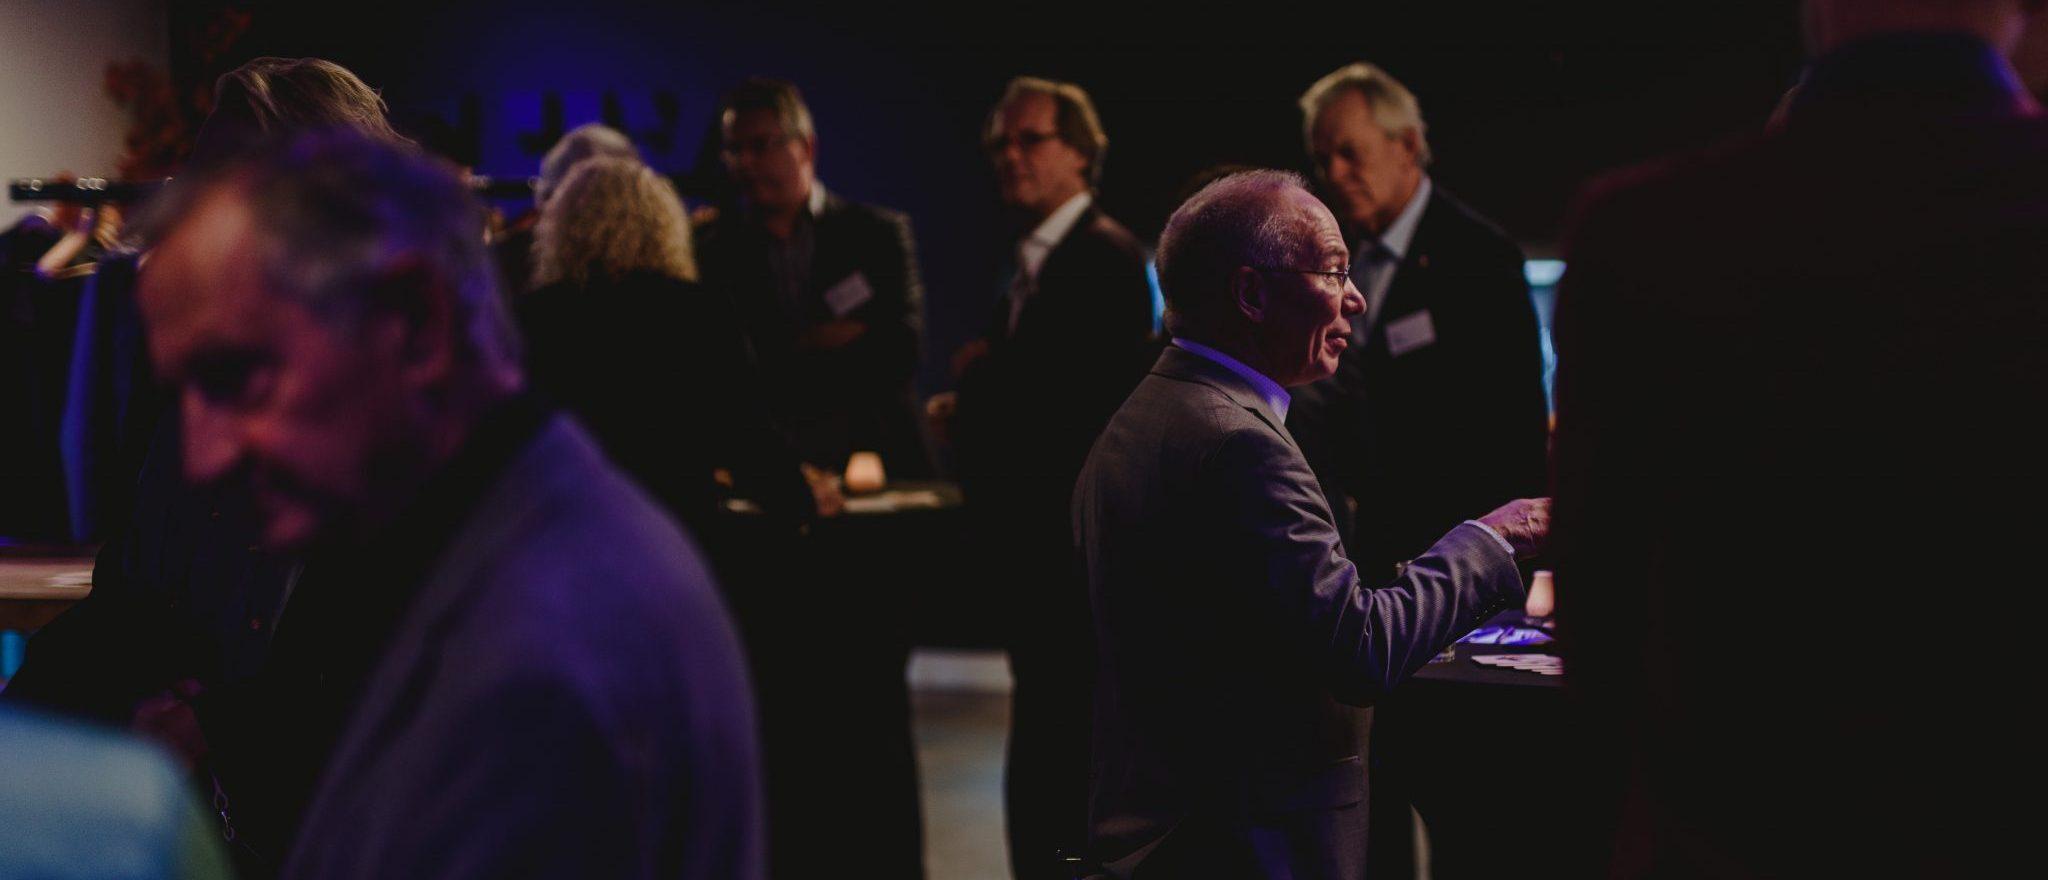 Ambassadorsclub ontbijtbijeenkomst met gastspreker Björn Kuipers